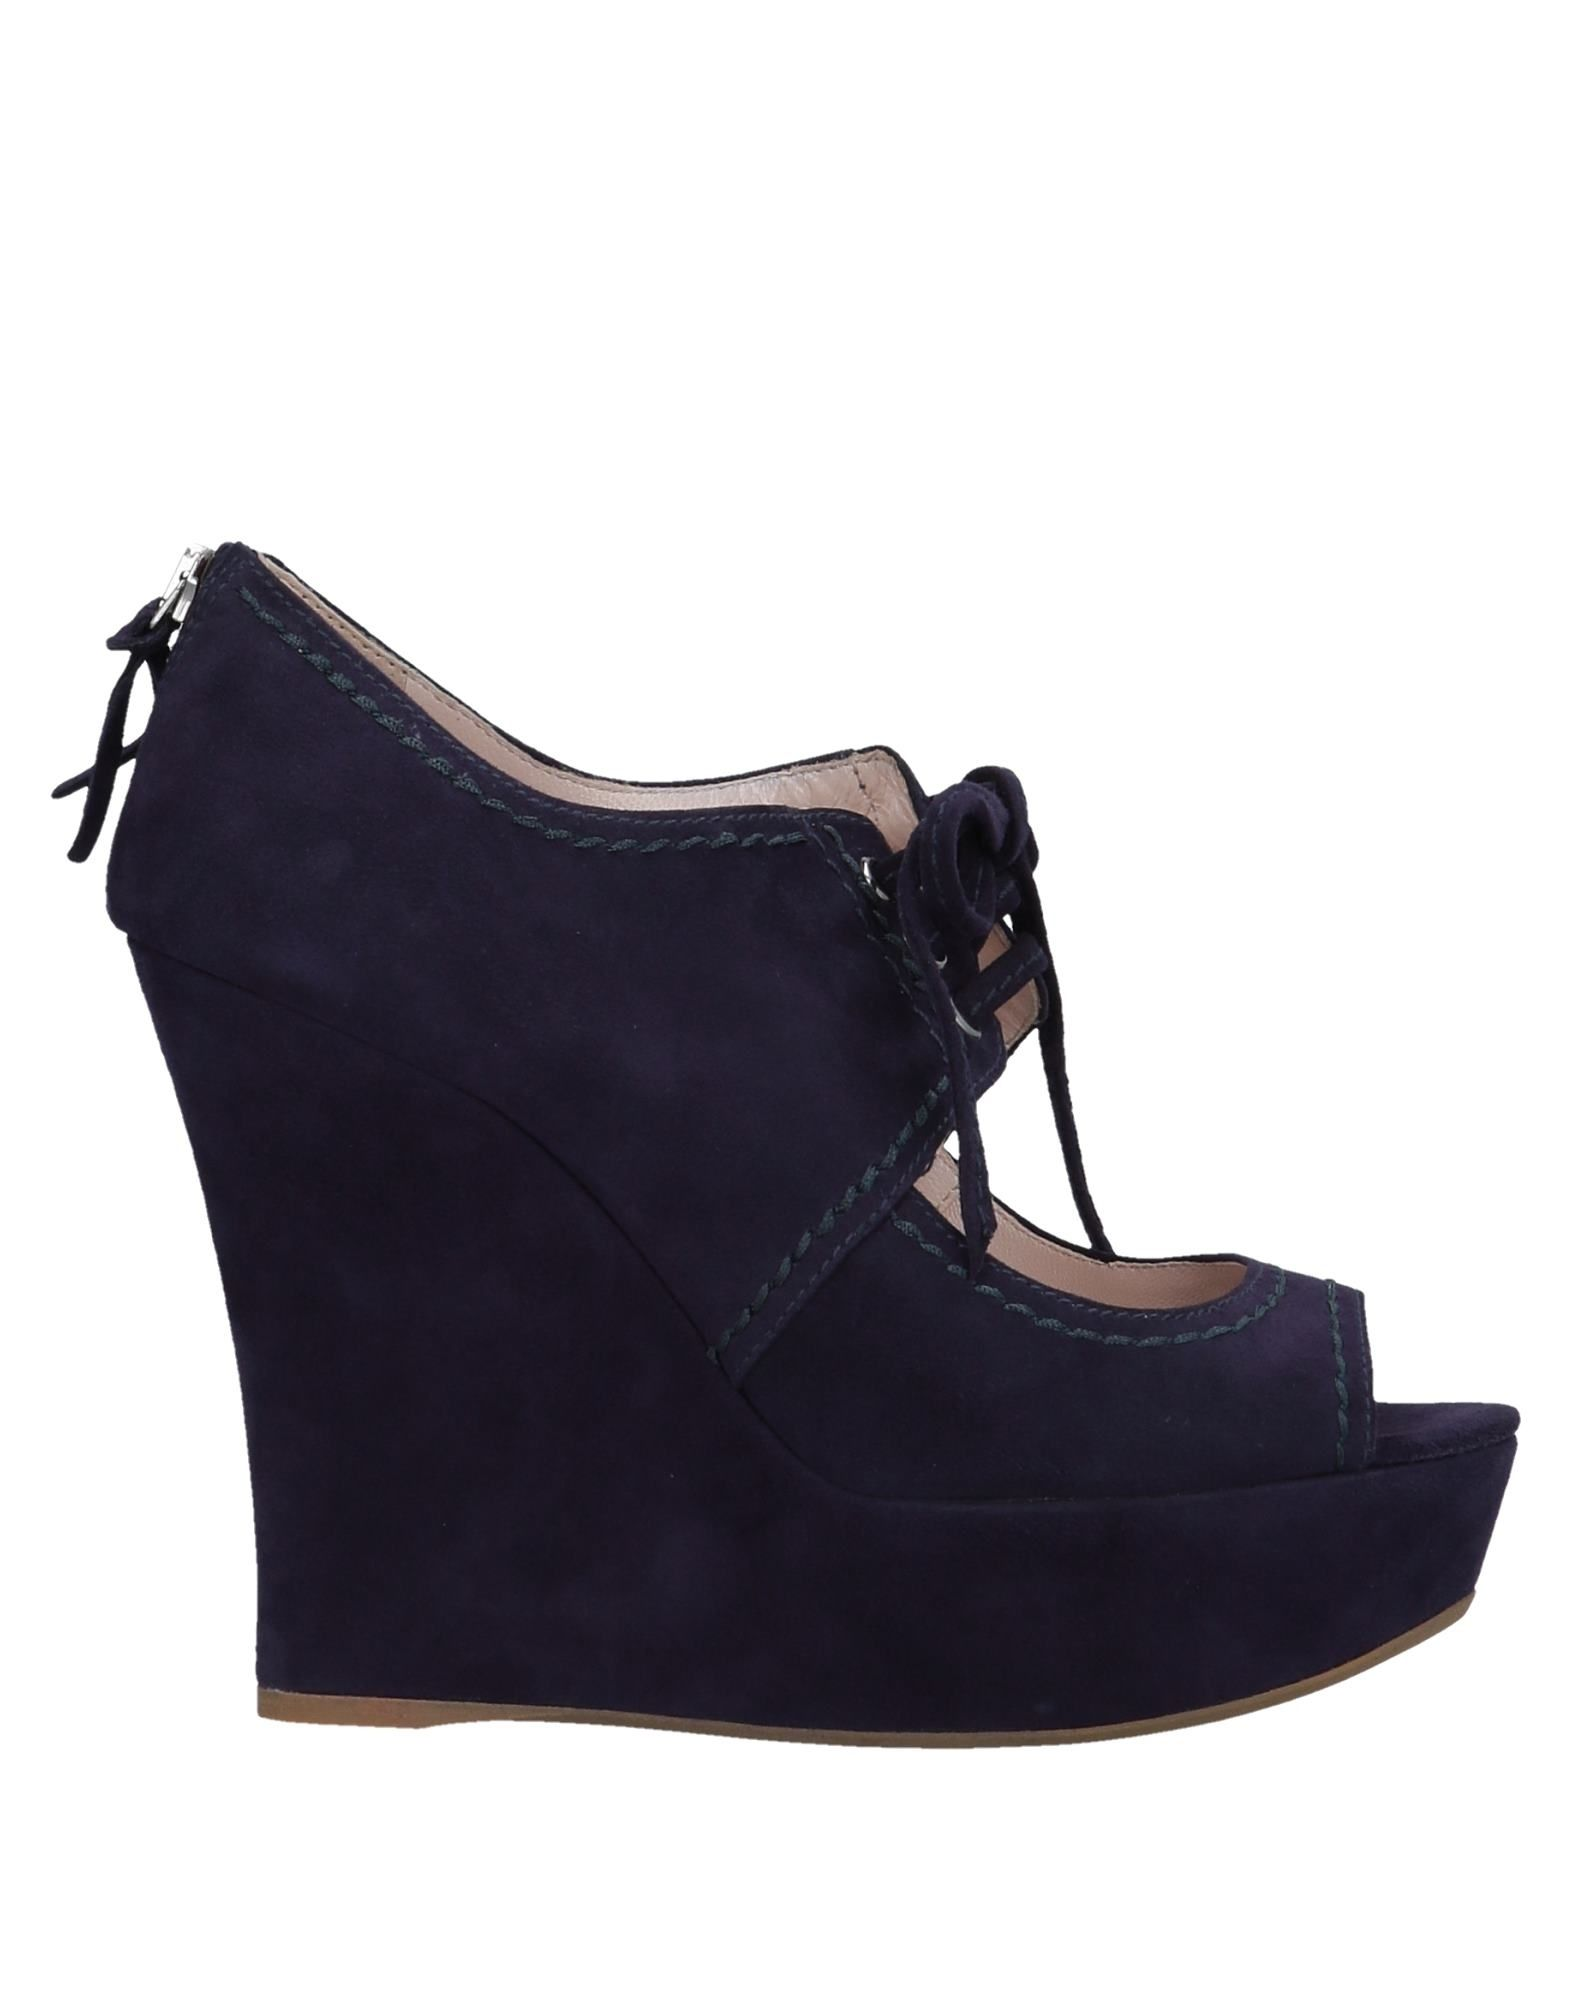 Miu Miu Stiefelette Damen  44630314OEGünstige gut aussehende Schuhe